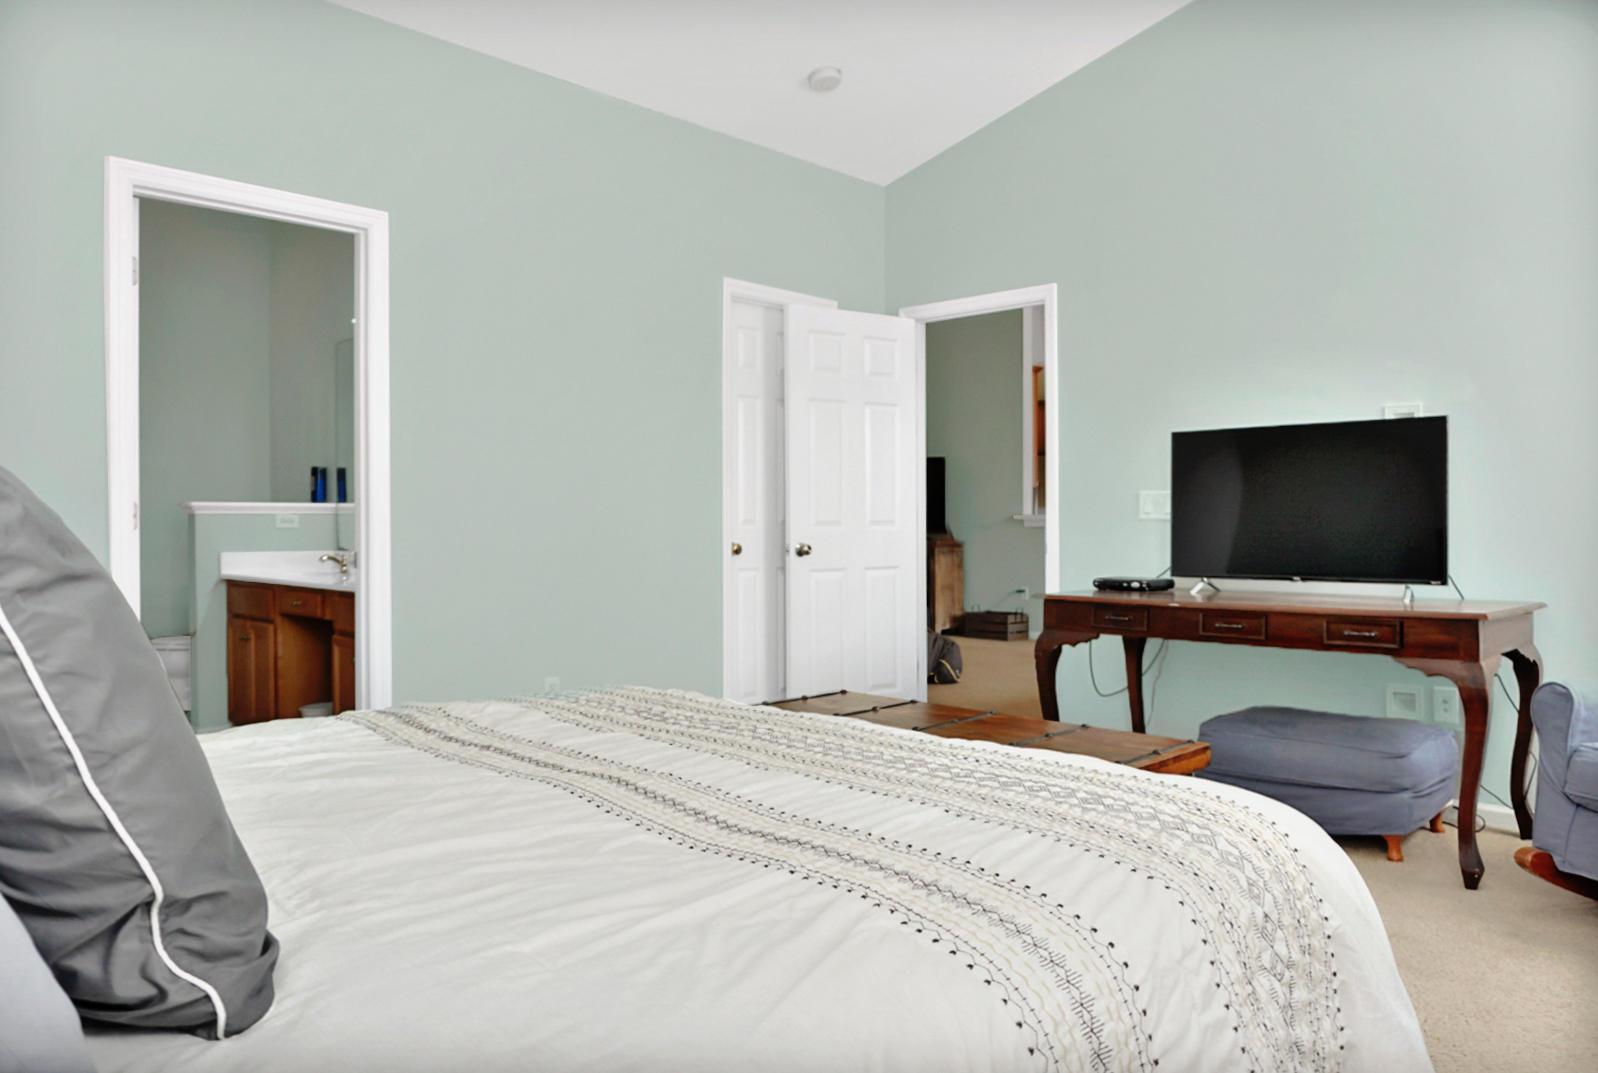 Park West Homes For Sale - 1504 Huxley, Mount Pleasant, SC - 21